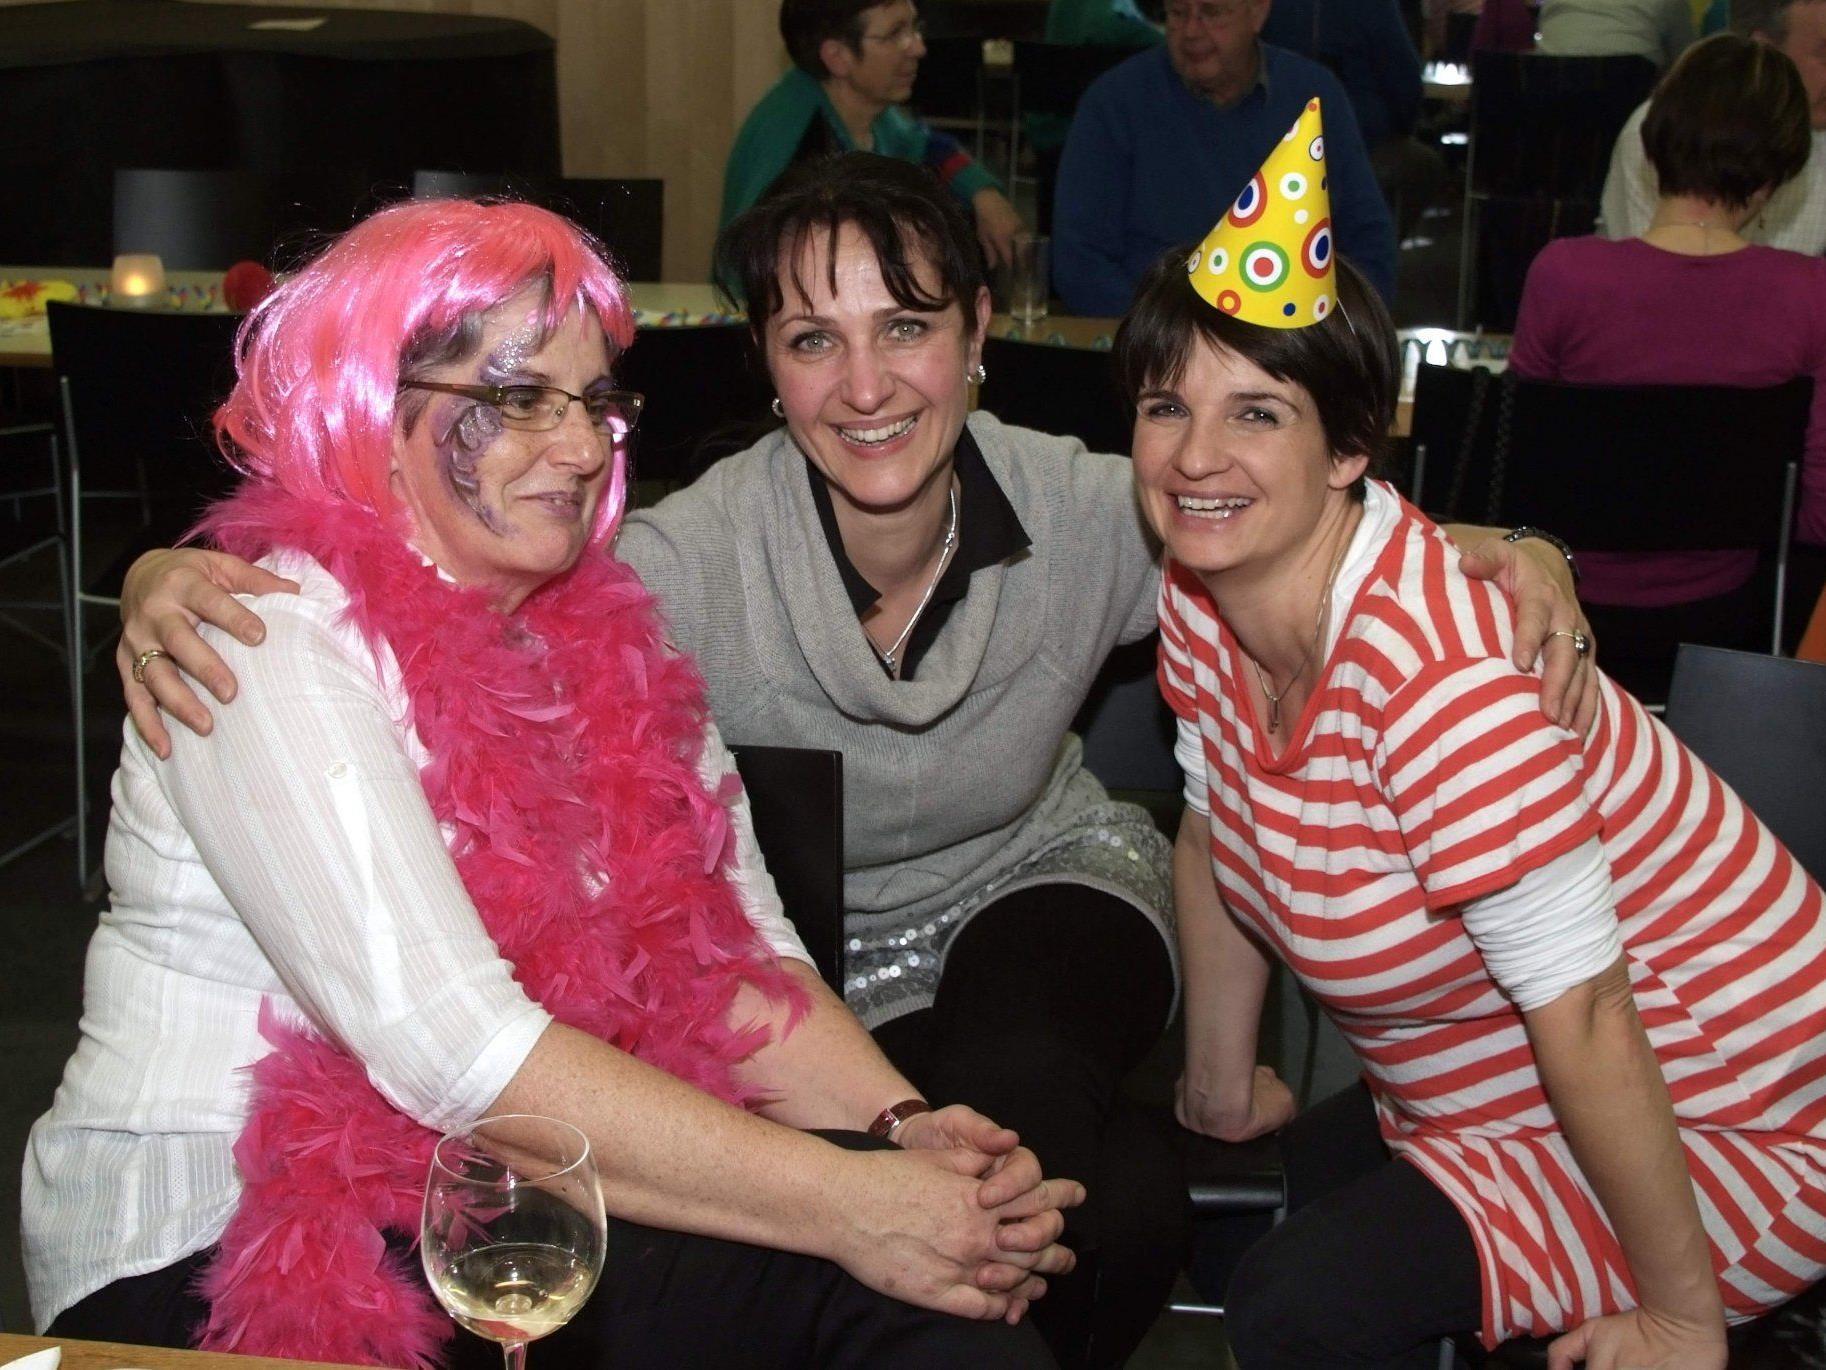 Maria, Annelies und Simone haben sich beim Hock blendend unterhalten.